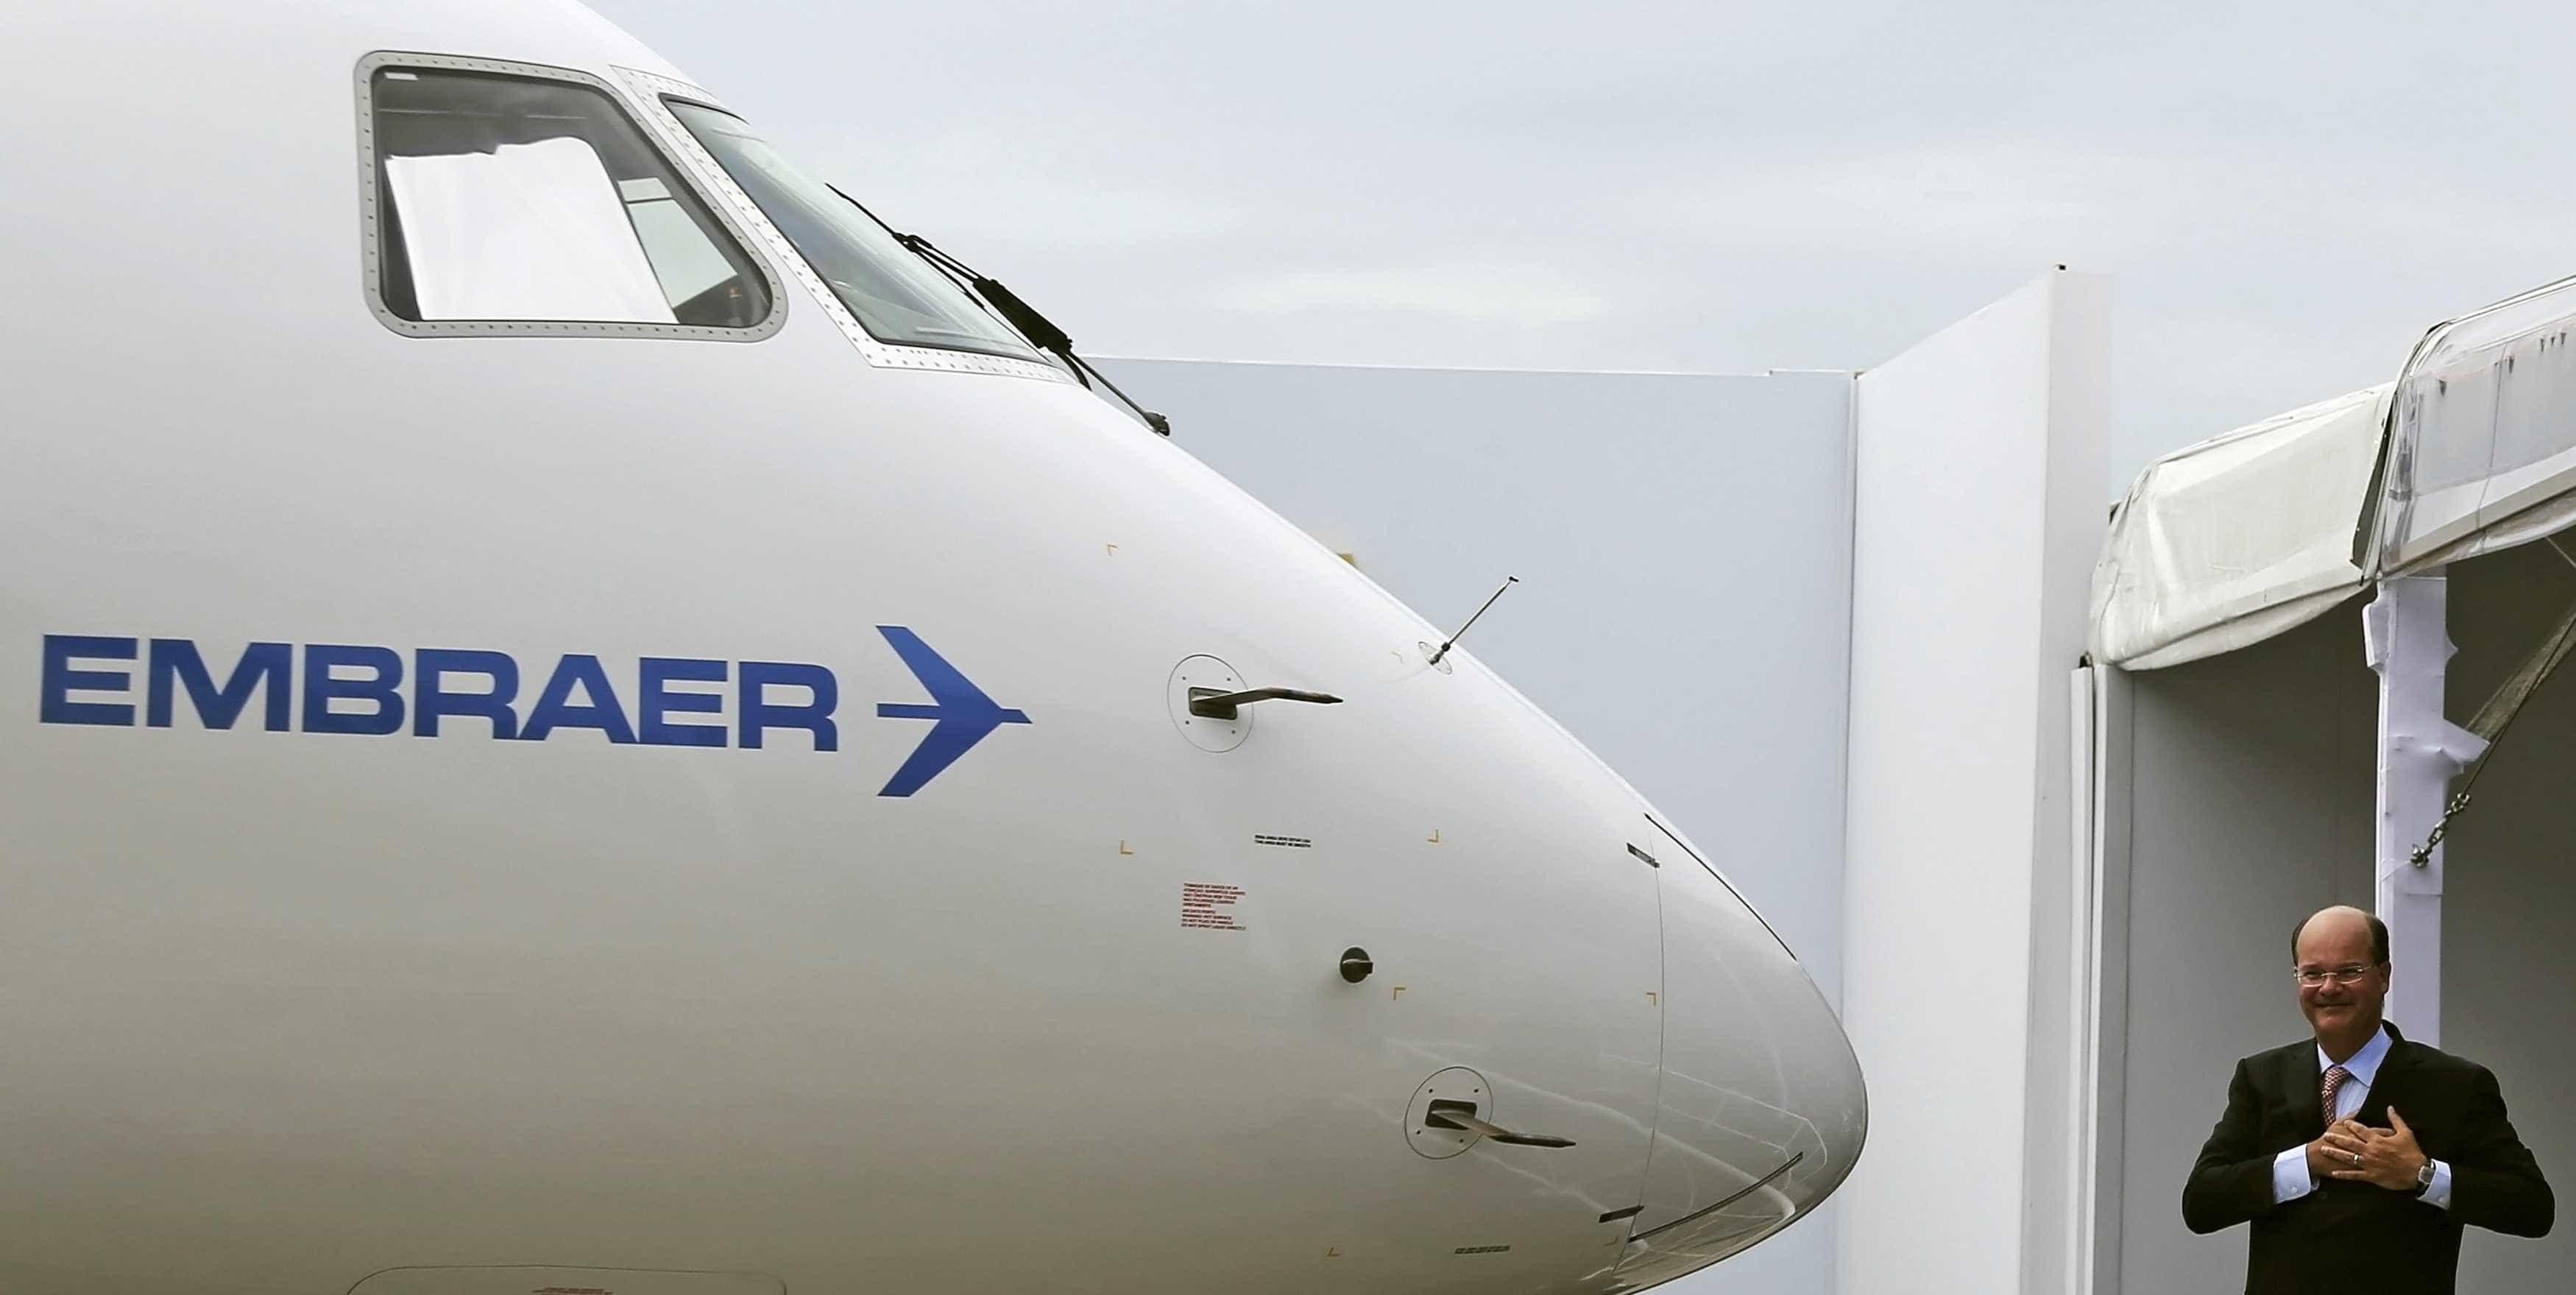 Conselho de administração da Embraer ratifica parceria com Boeing